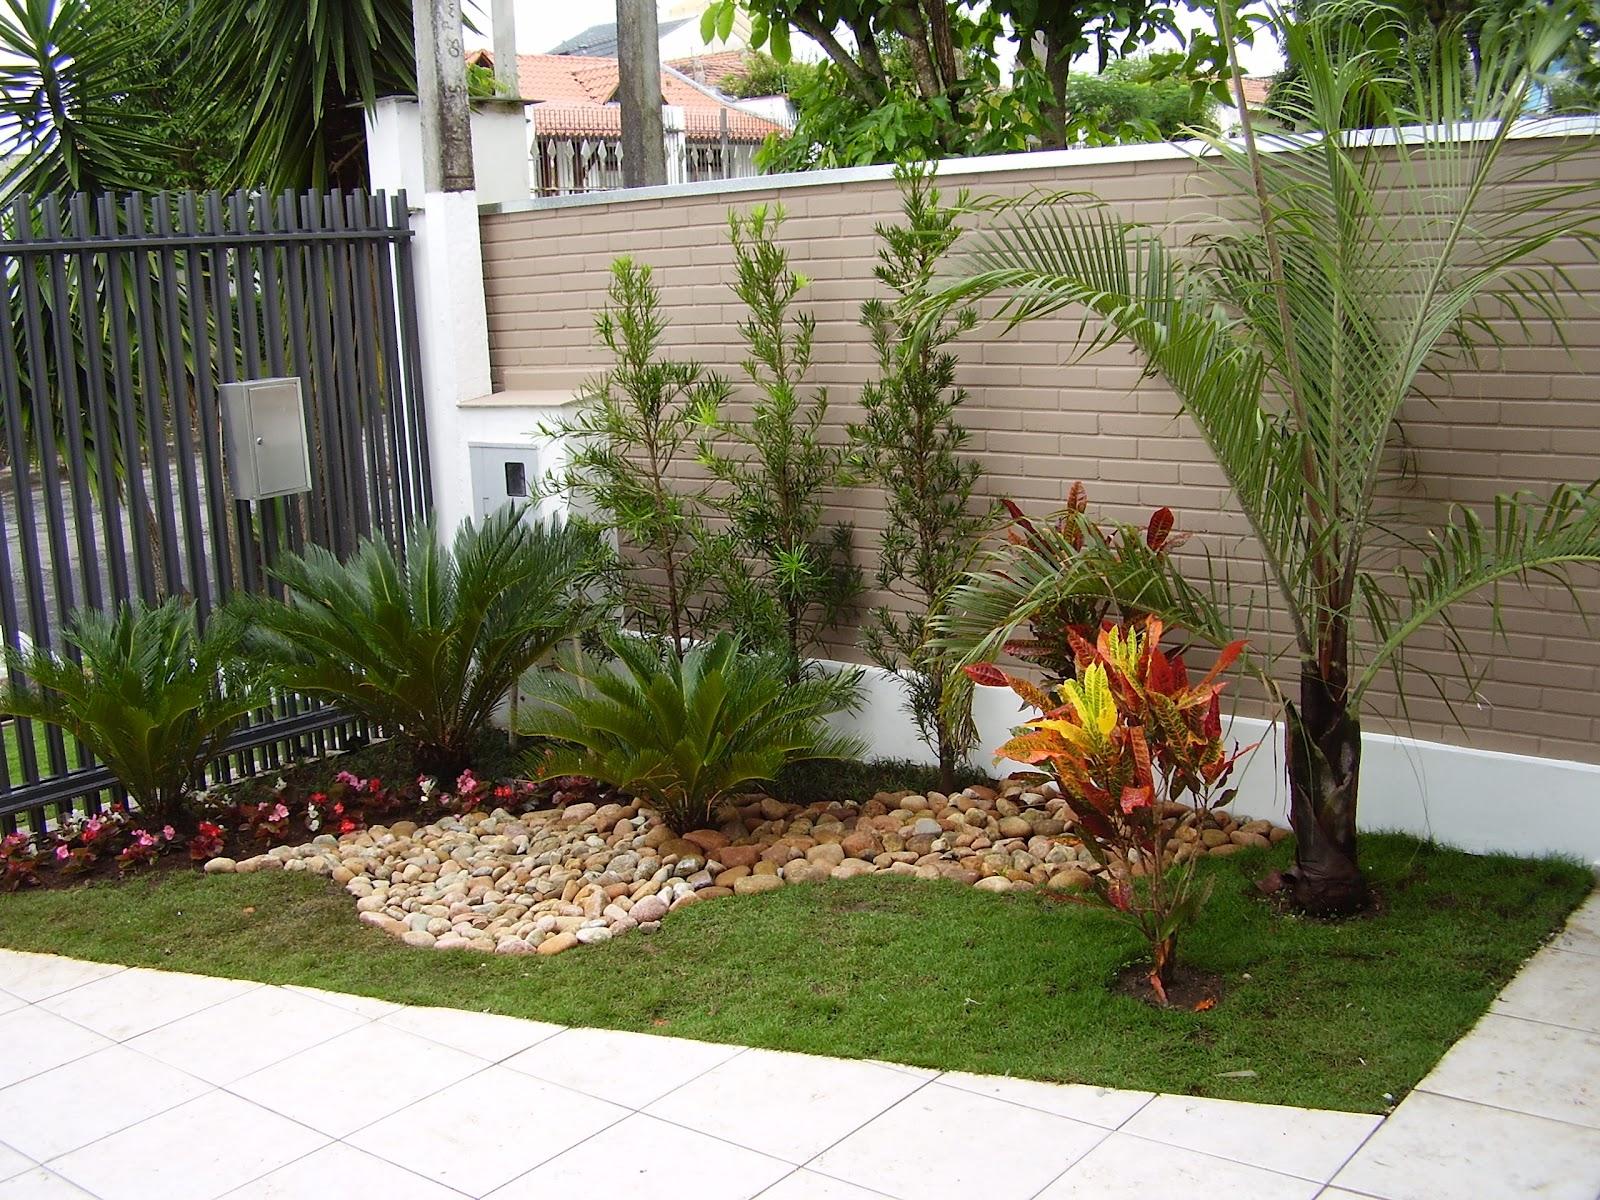 ideias para decorar meu jardim:OBS: TODAS AS FOTOS FORAM TIRADAS DA INTERNET.